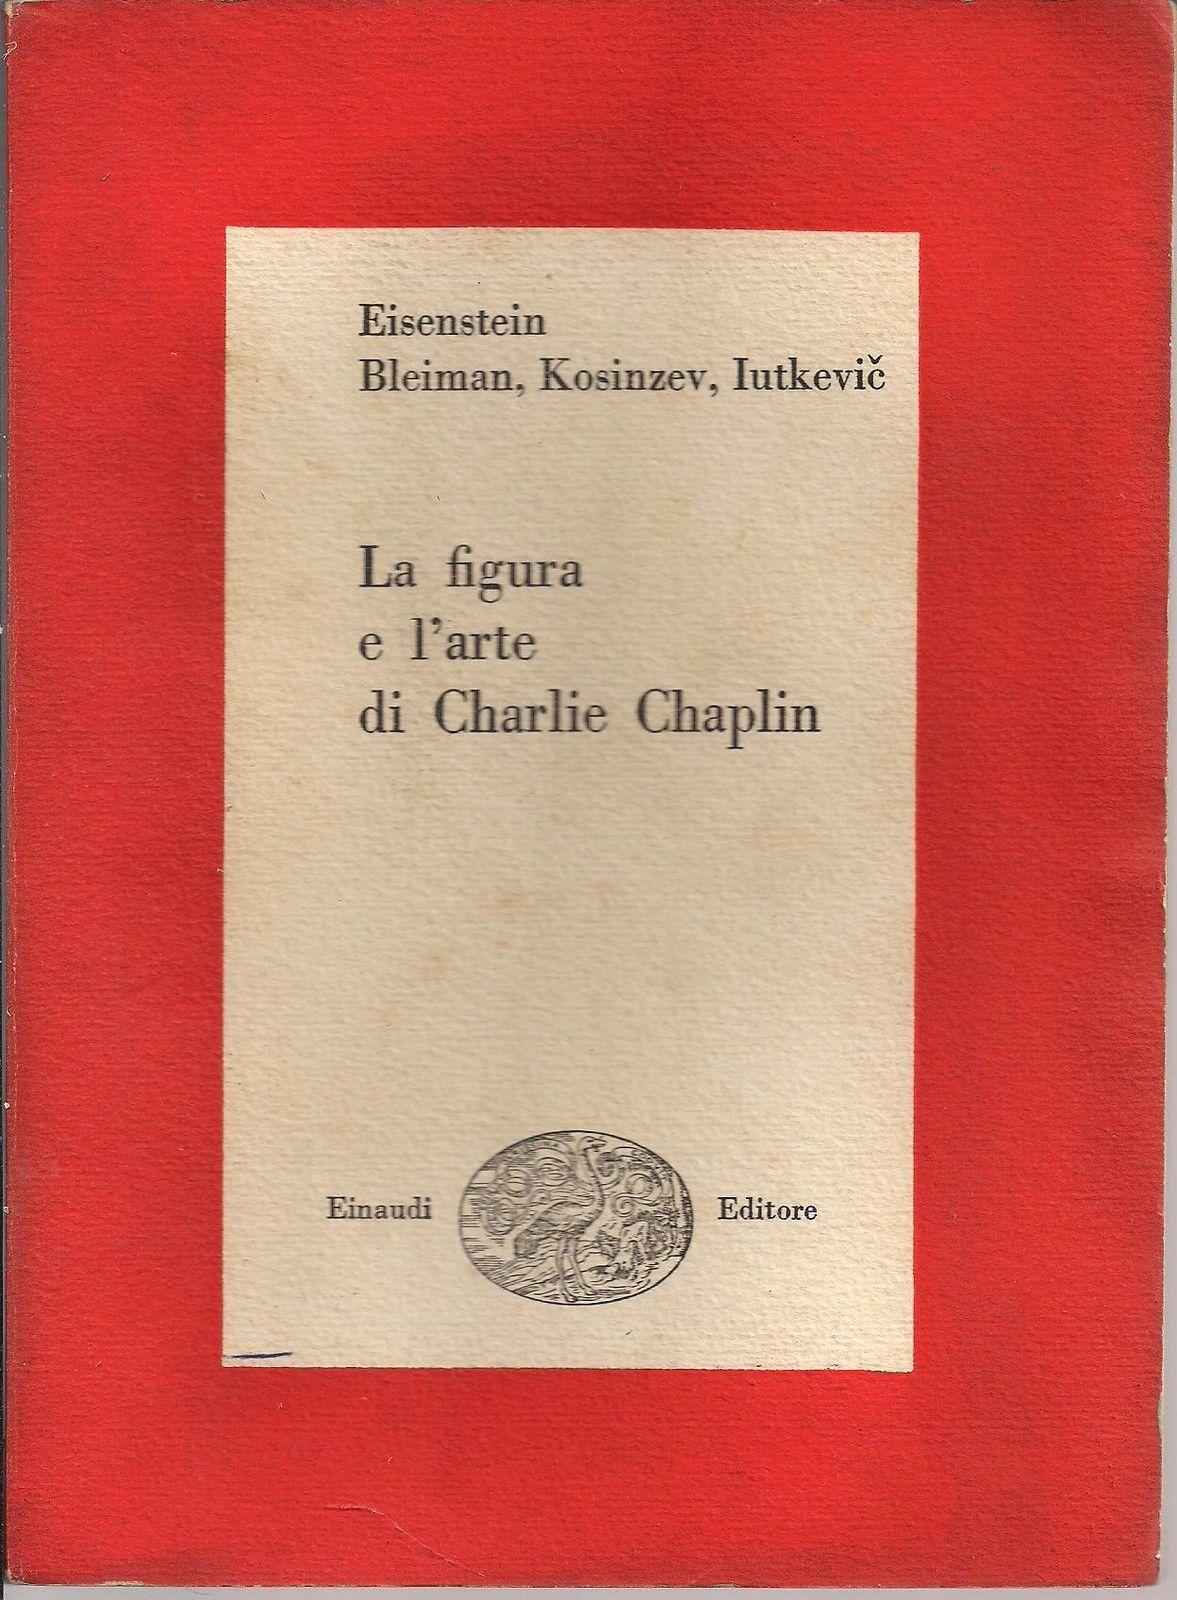 LA FIGURA E L'ARTE DI CHARLIE CHAPLIN